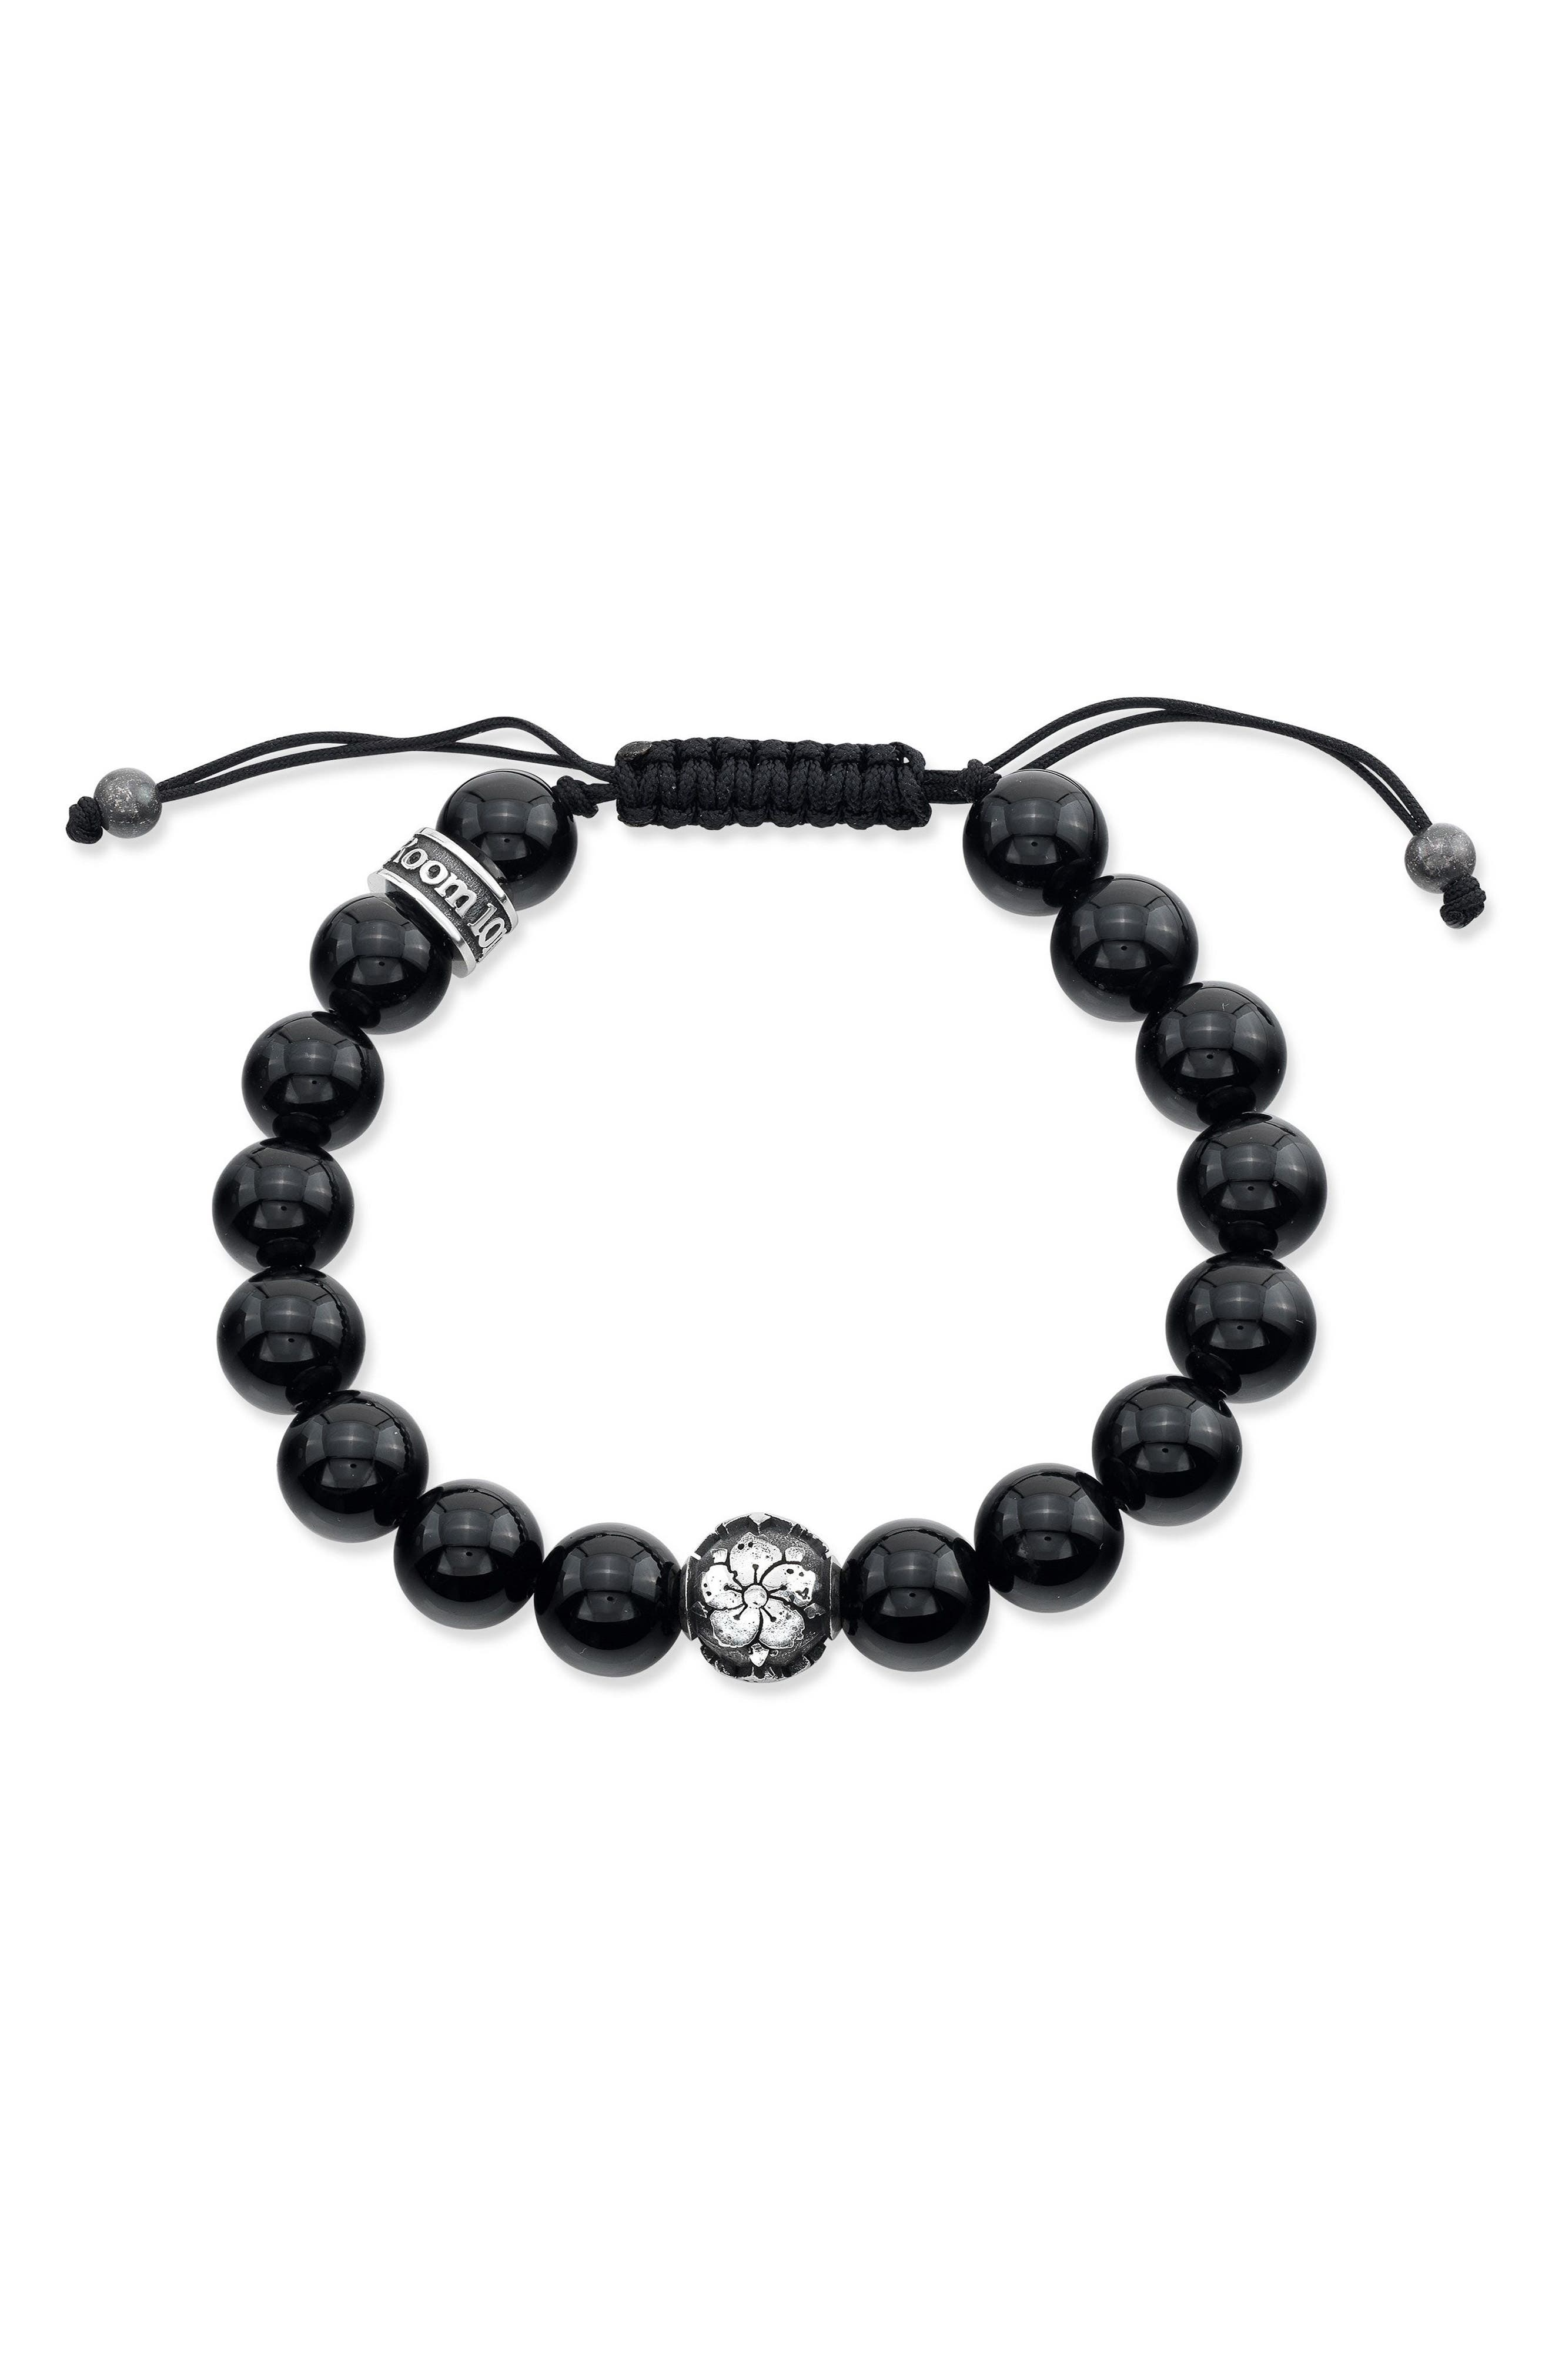 Agate Bead Shamballa Bracelet,                             Main thumbnail 1, color,